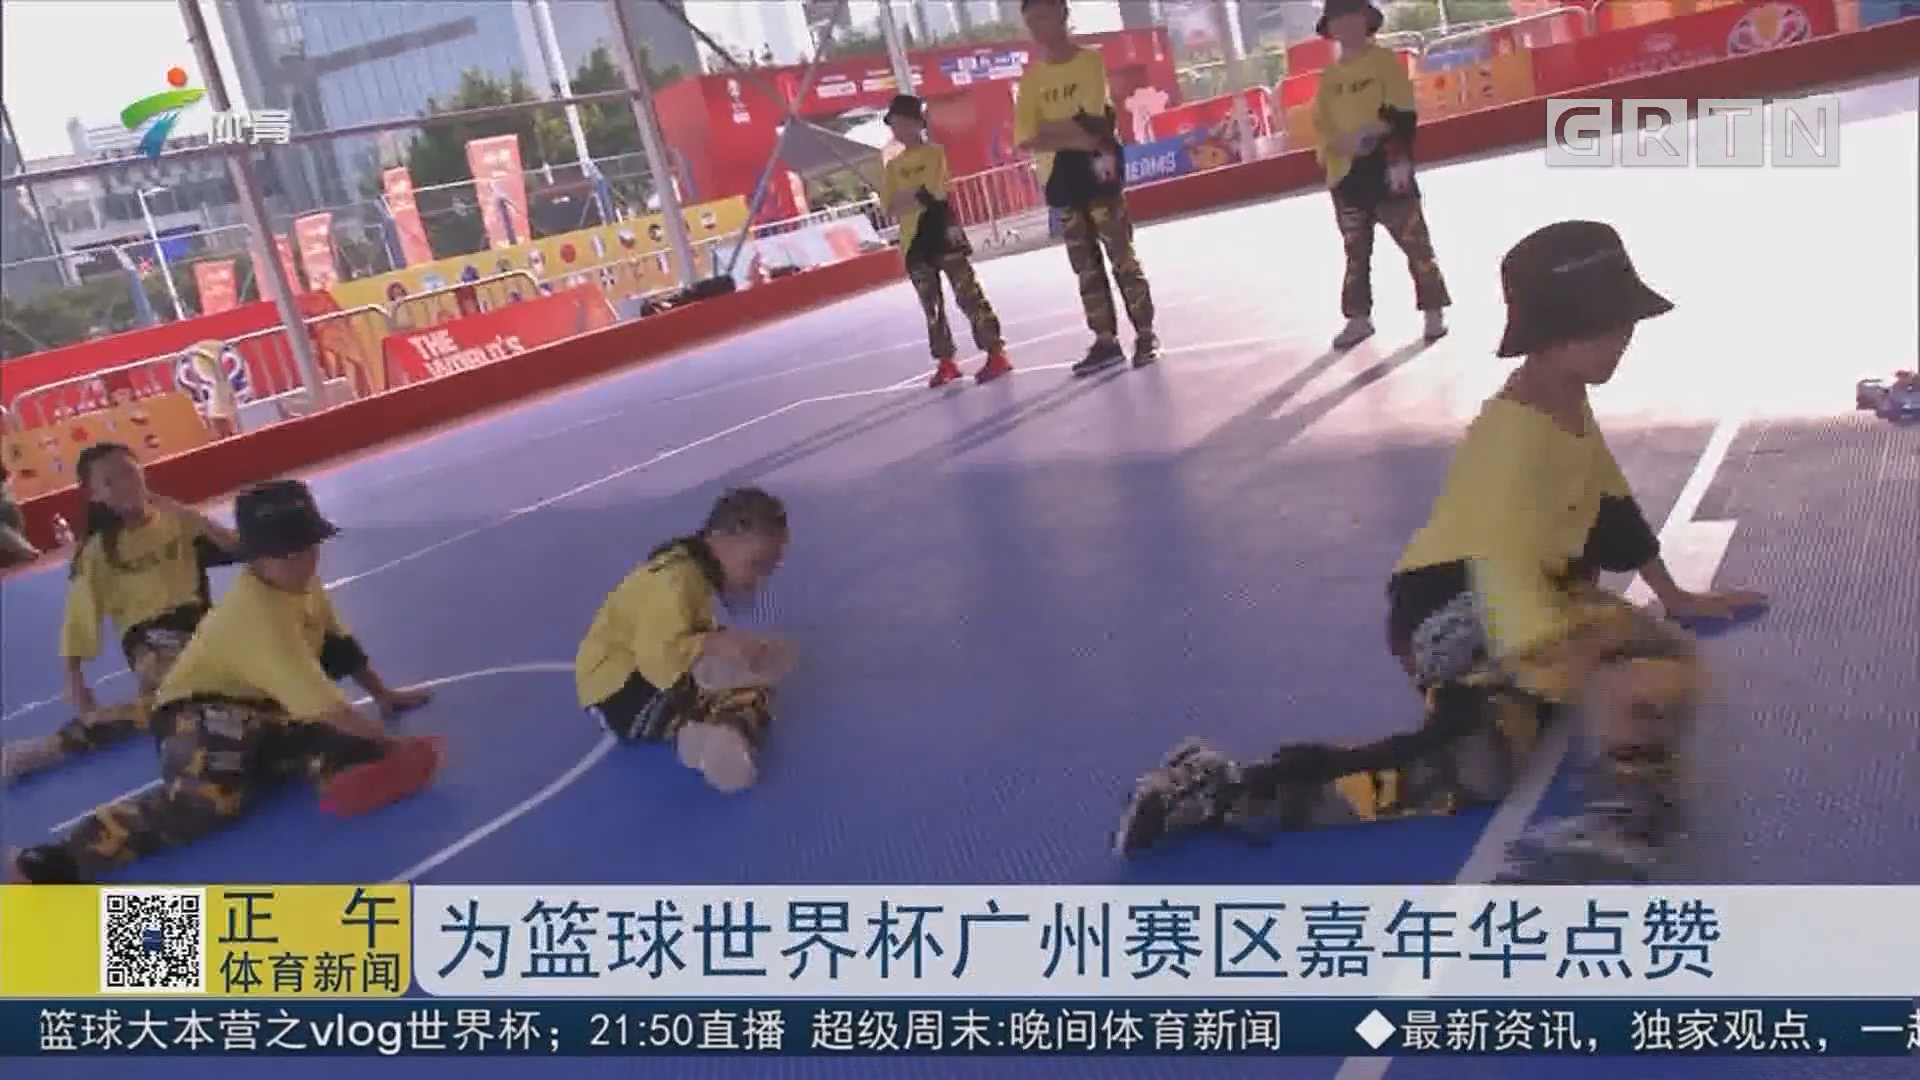 为篮球世界杯广州赛区嘉年华点赞